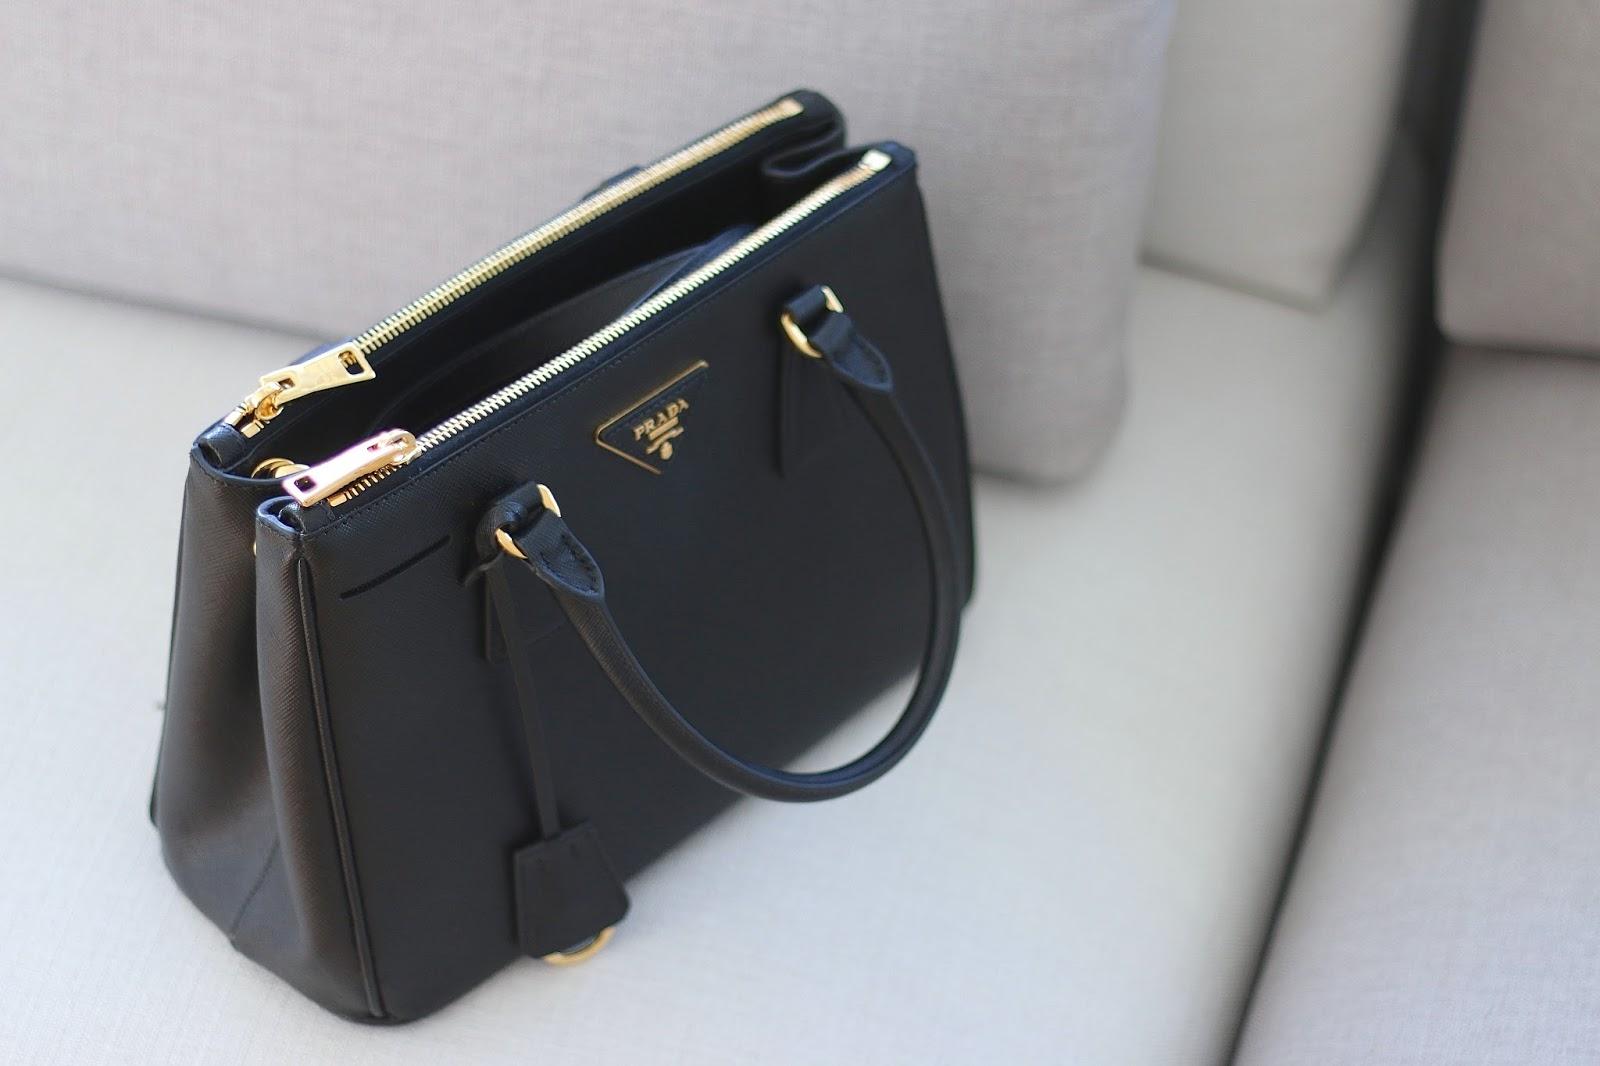 b85bd60678ad ... coupon code for prada saffiano double zip handbag review ed4f4 43445